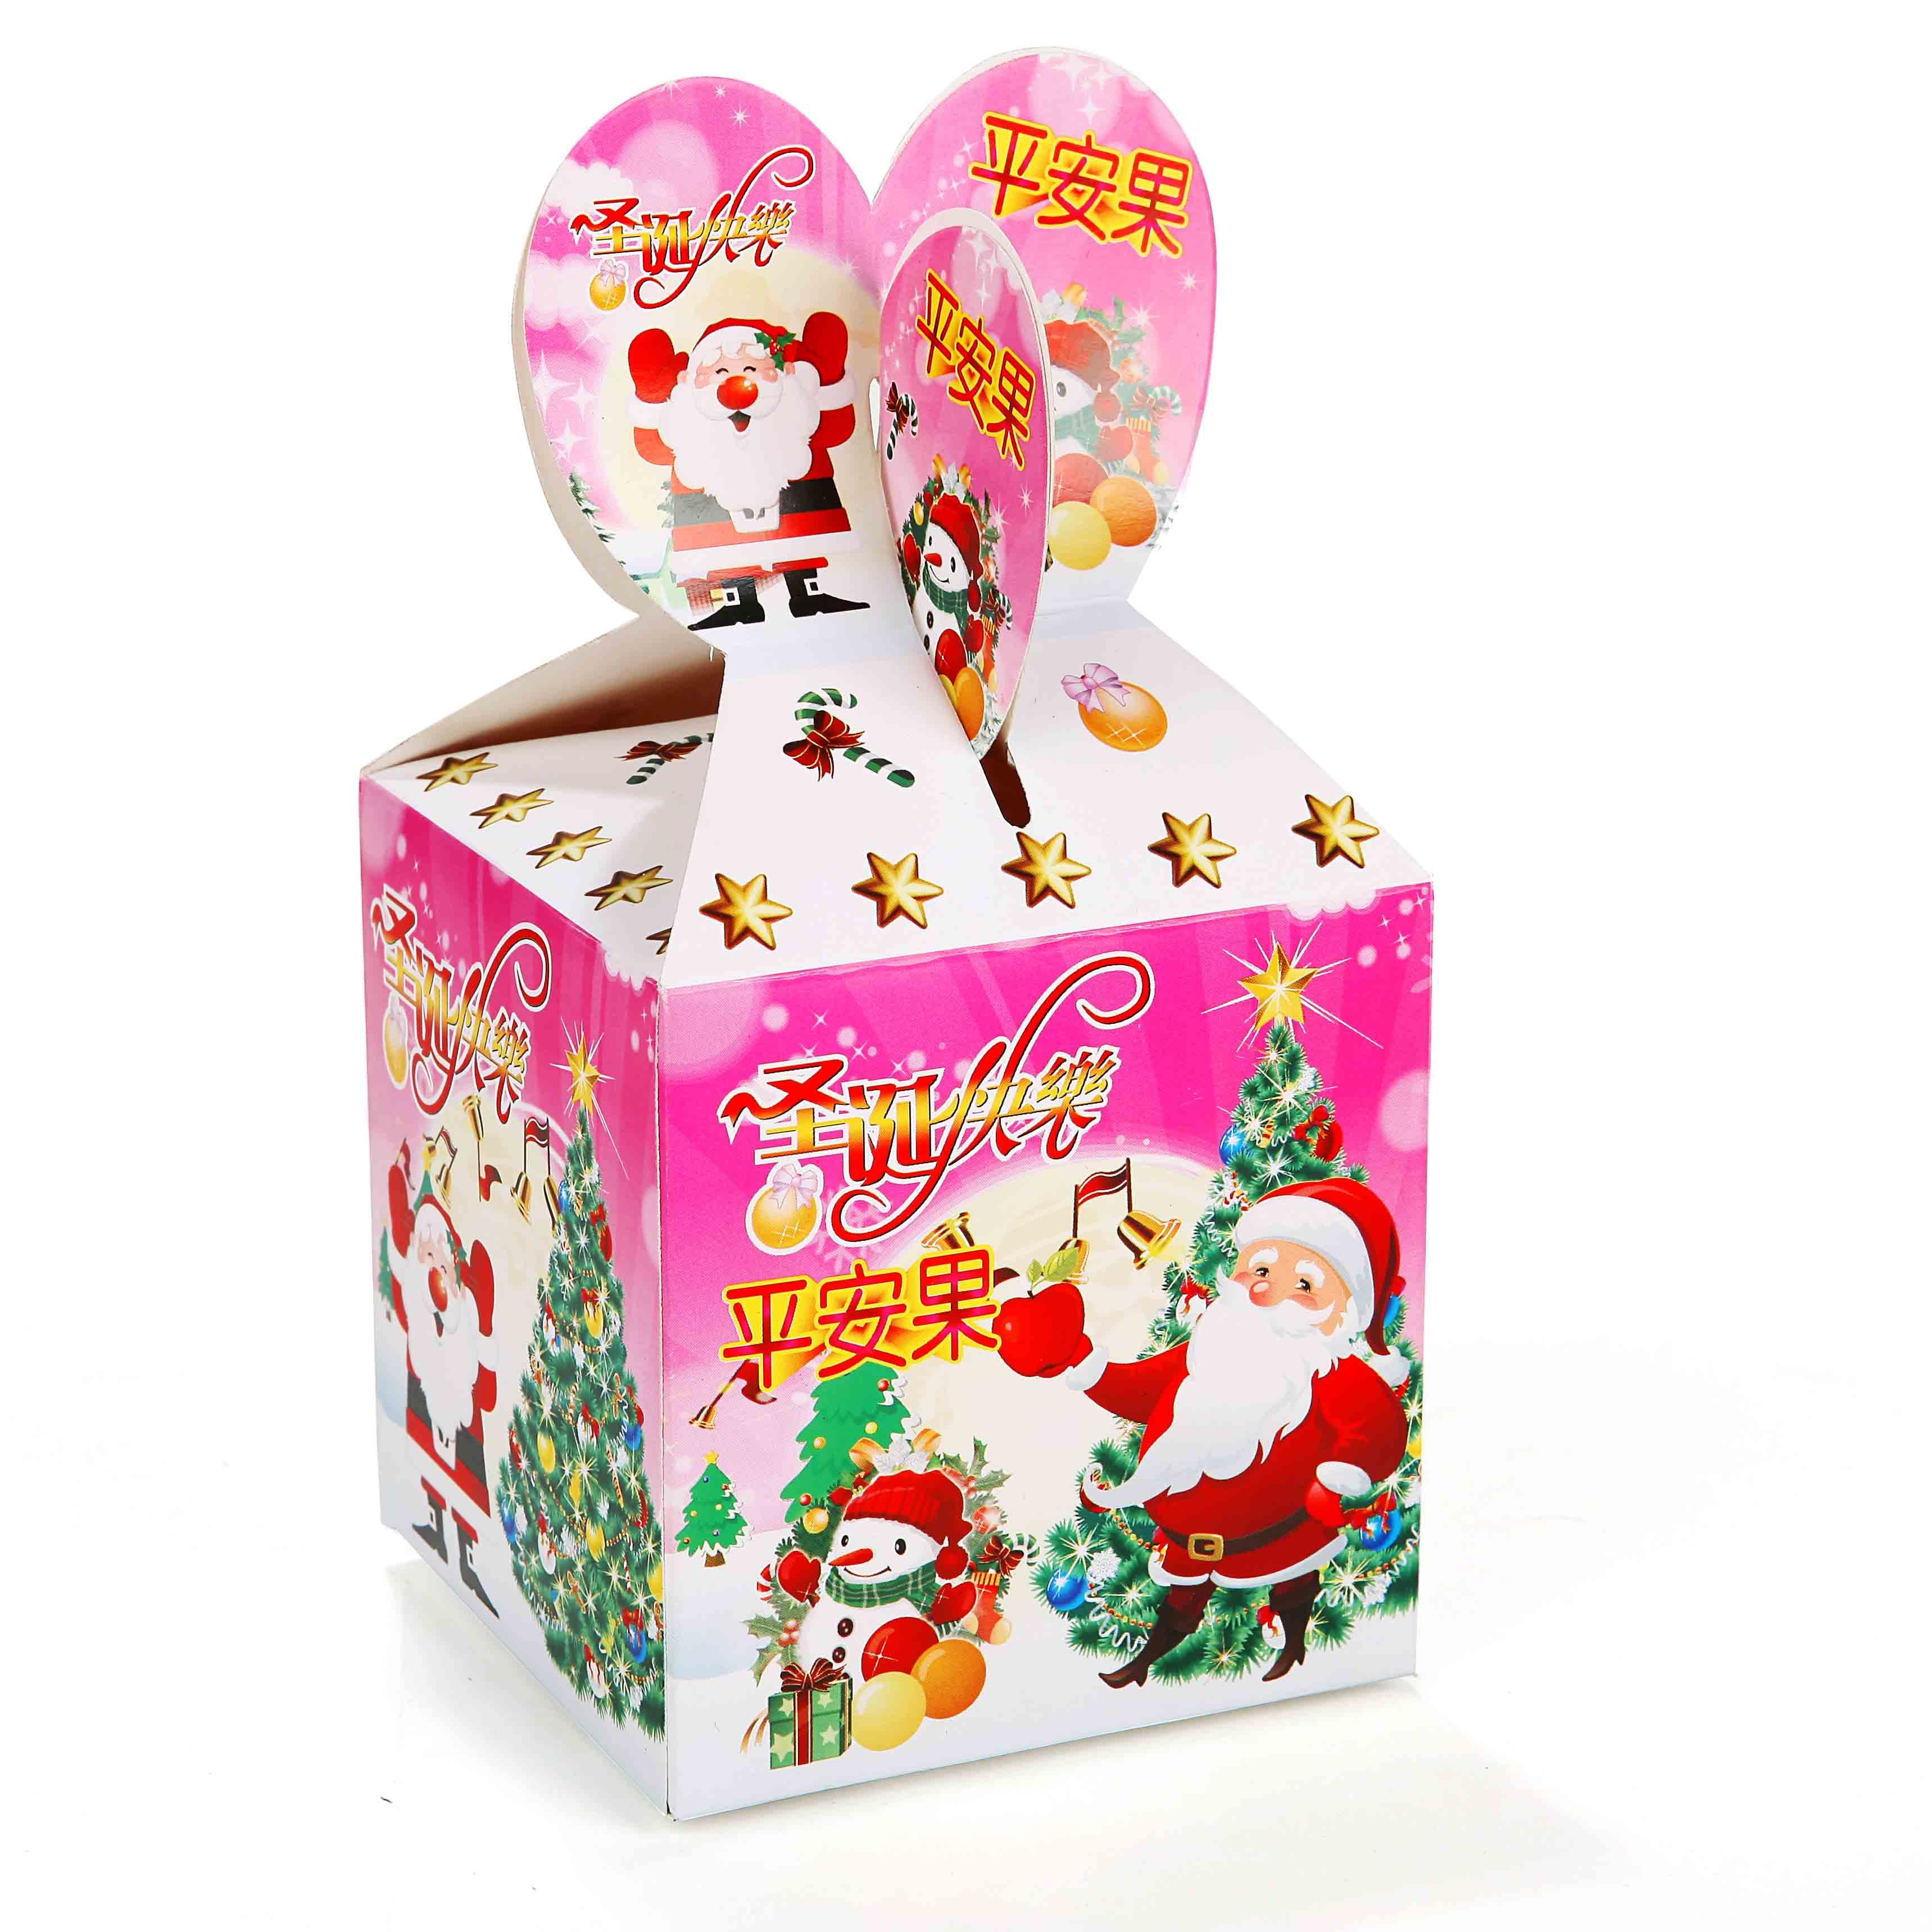 苹果包装盒|苹果包装盒印刷|苹果包装盒定制|苹果包装盒厂家